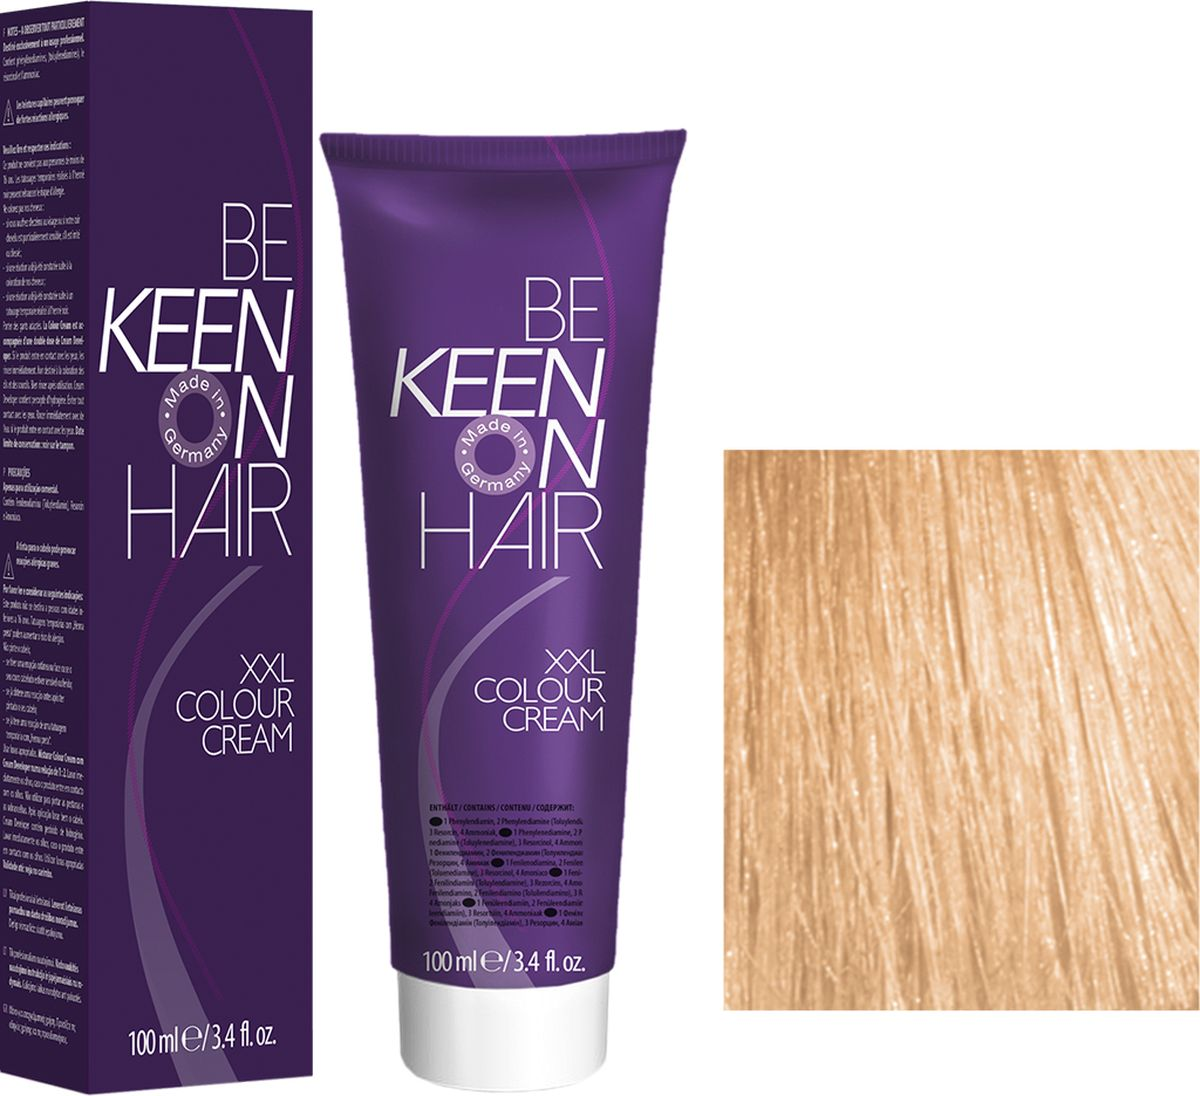 Keen Краска для волос 10.3 Ультра-светлый золотистый блондин Ultrahellblond Gold, 100 мл69100098Модные оттенкиБолее 100 оттенков для креативной комбинации цветов.ЭкономичностьПри использовании тюбика 100 мл вы получаете оптимальное соотношение цены и качества!УходМолочный белок поддерживает структуру волоса во время окрашивания и придает волосам блеск и шелковистость. Протеины хорошо встраиваются в волосы и снабжают их влагой.